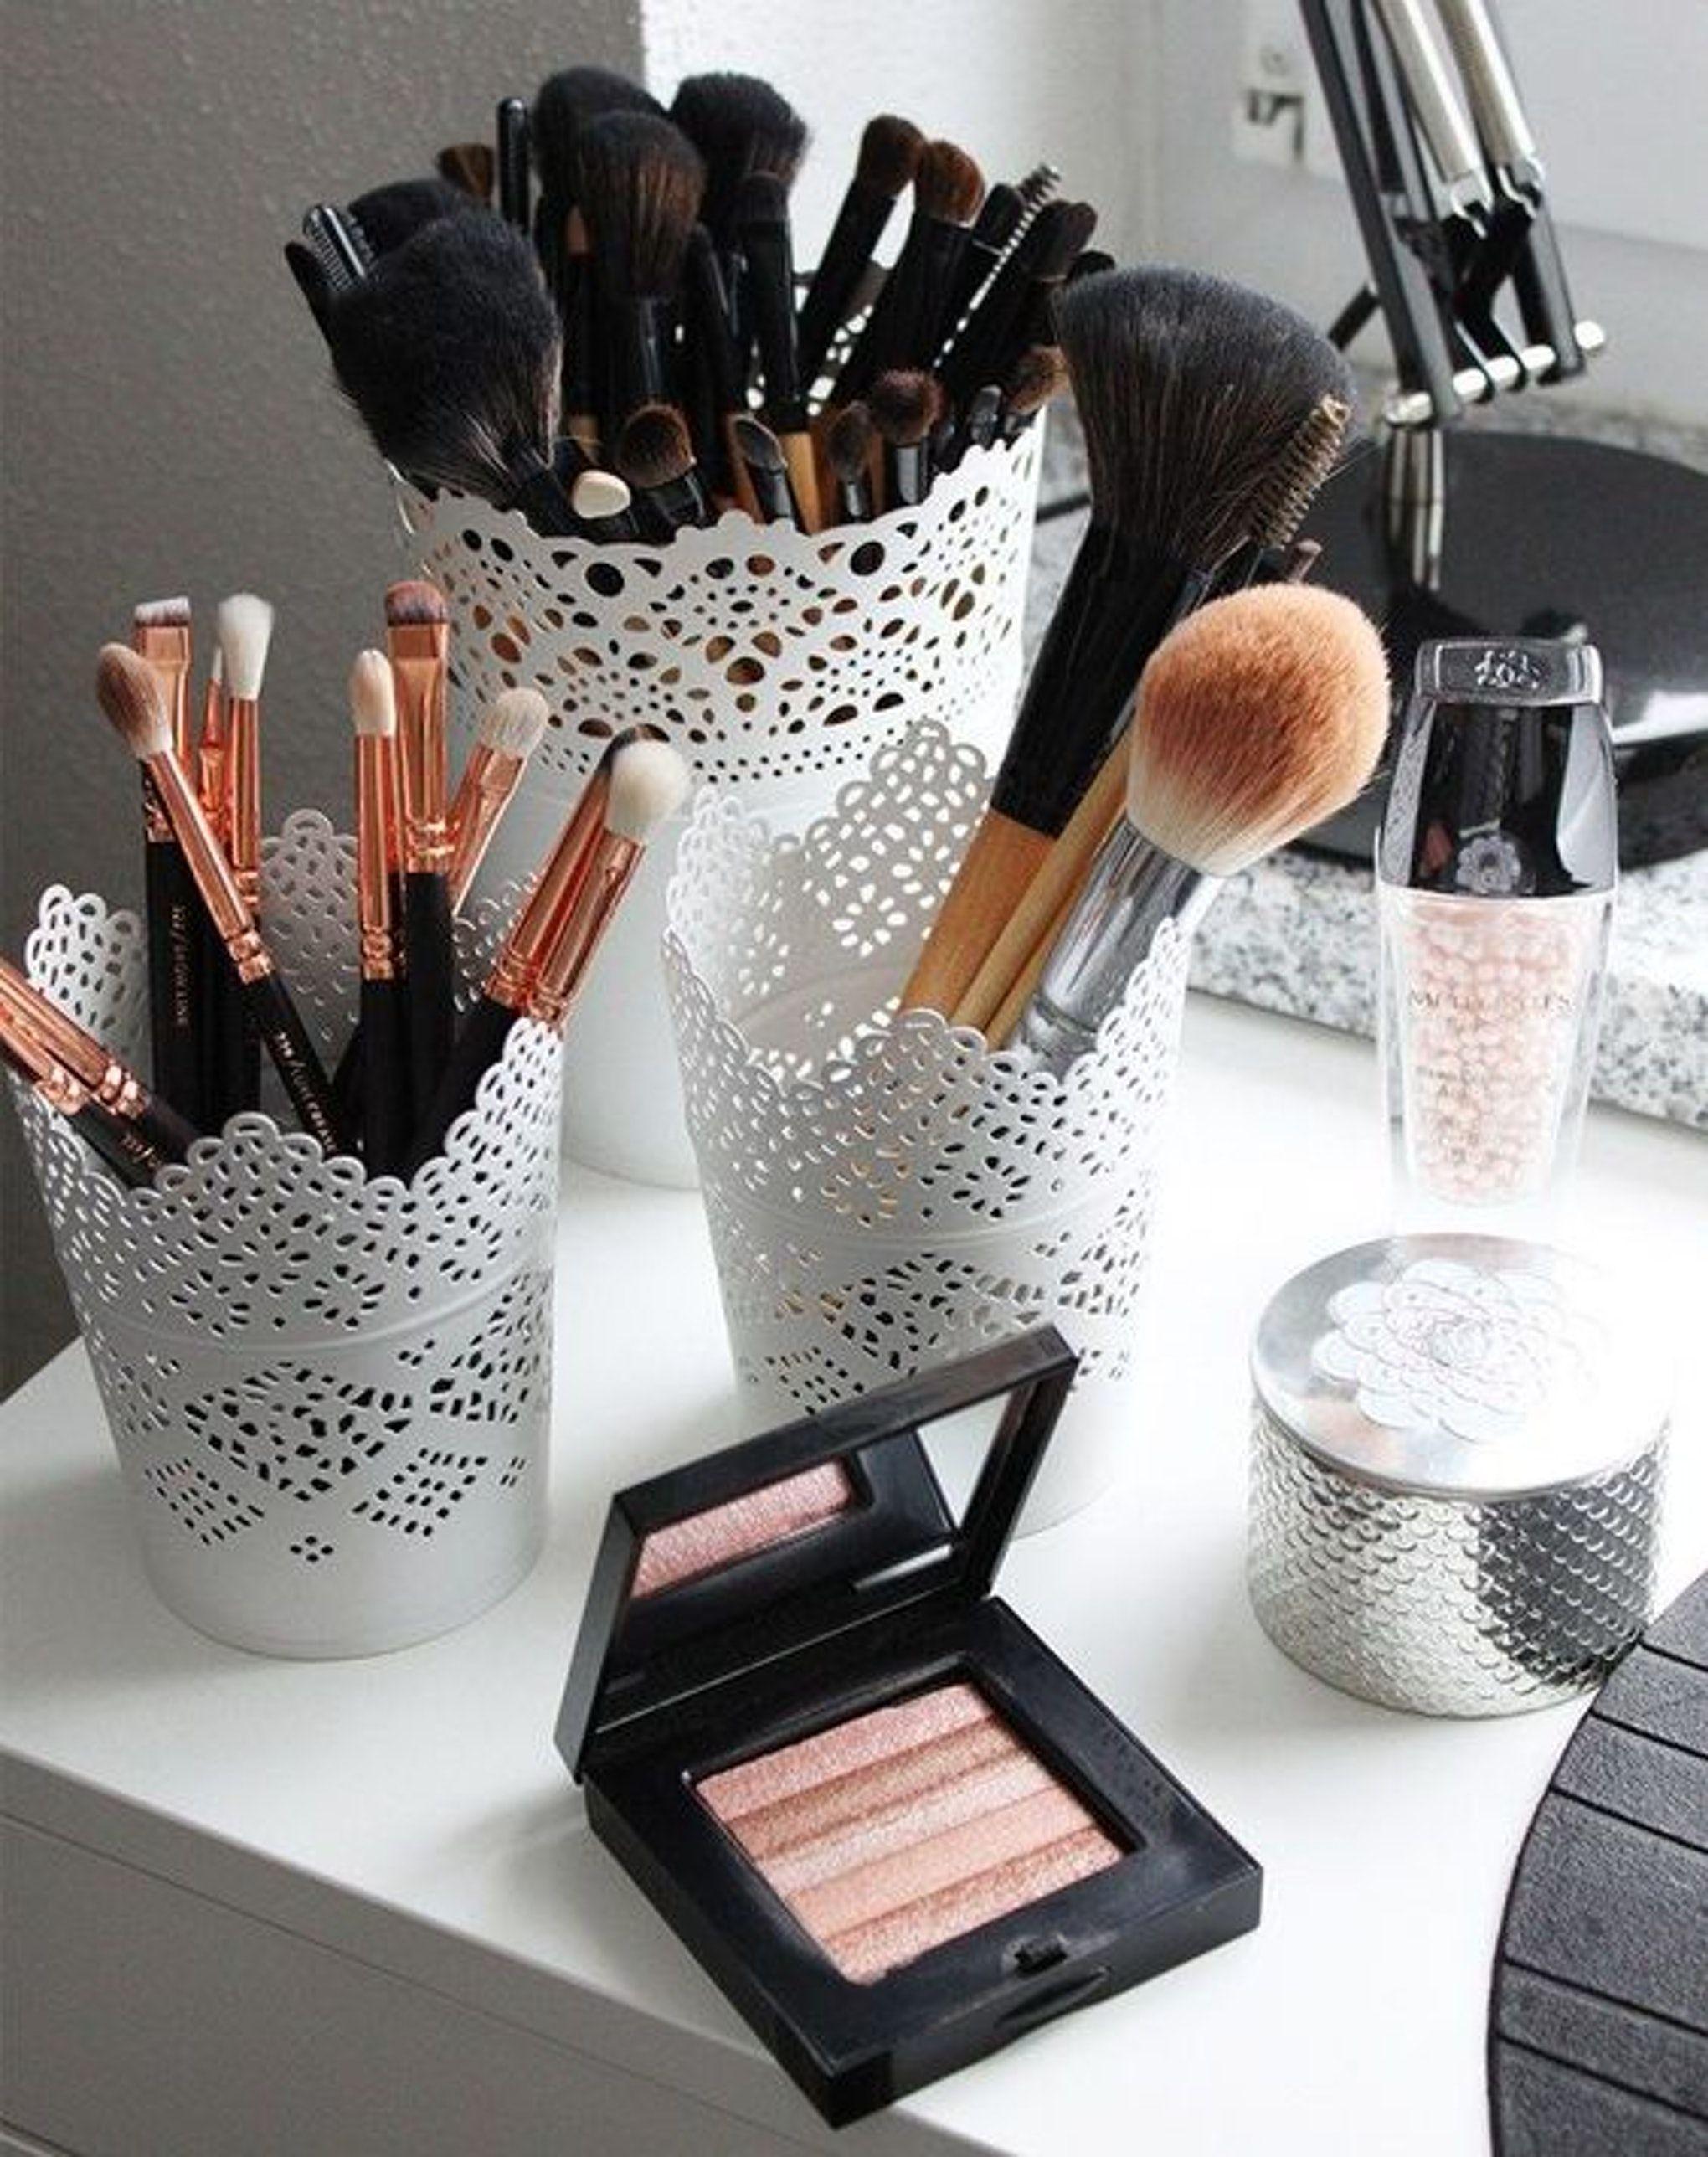 Genius Ikea Hacks For Organizing Your Makeup Makeup